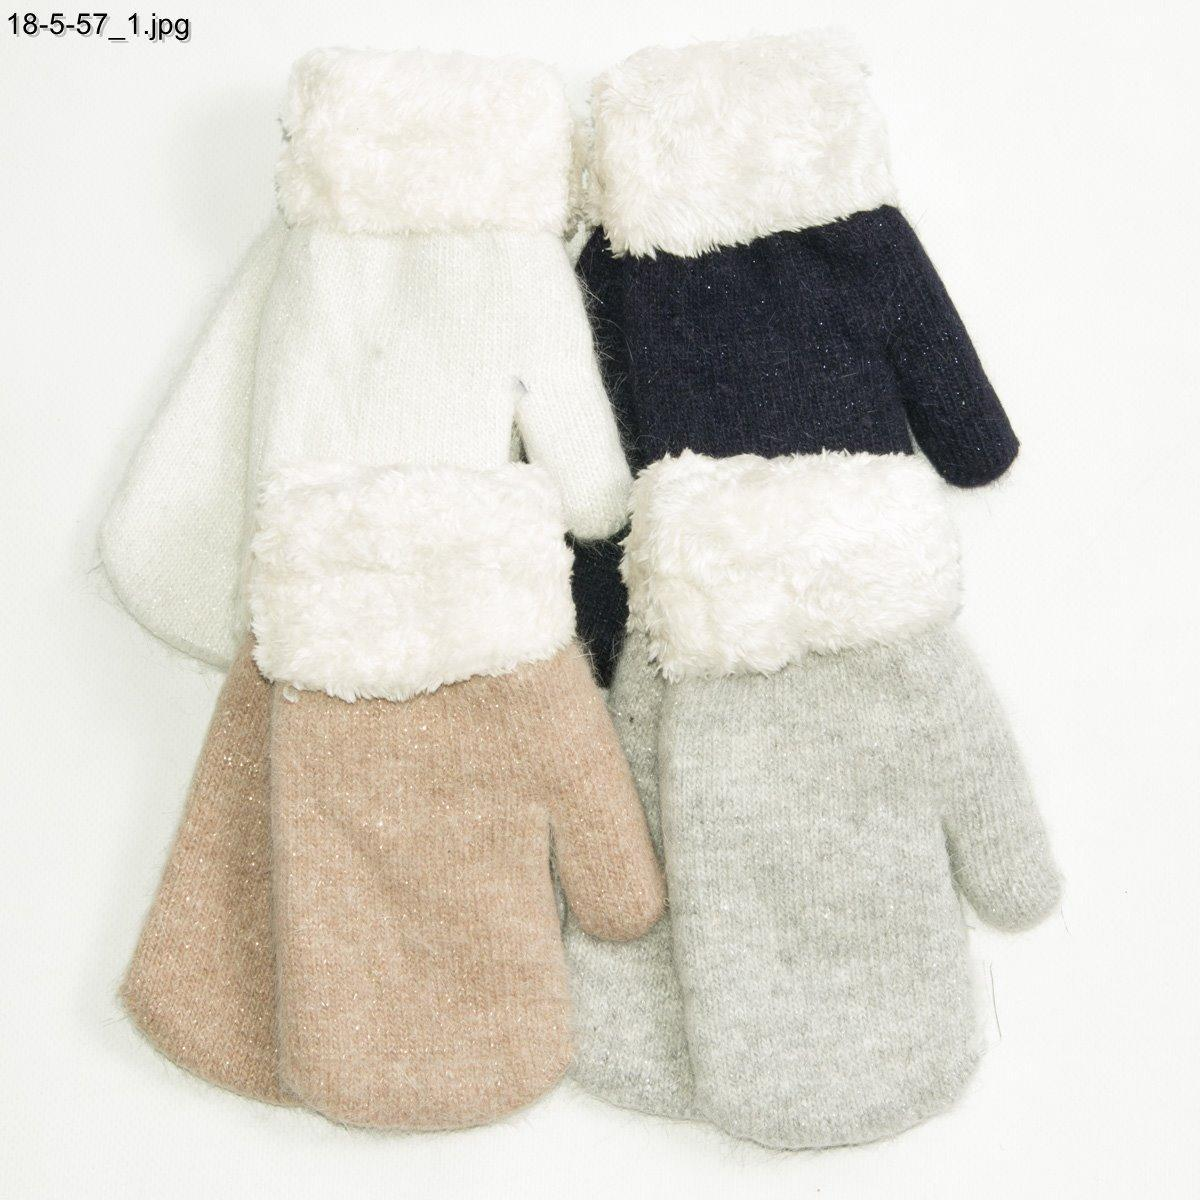 Оптом підліткові ангорові рукавиці на хутрі від 15 років - №18-5-56